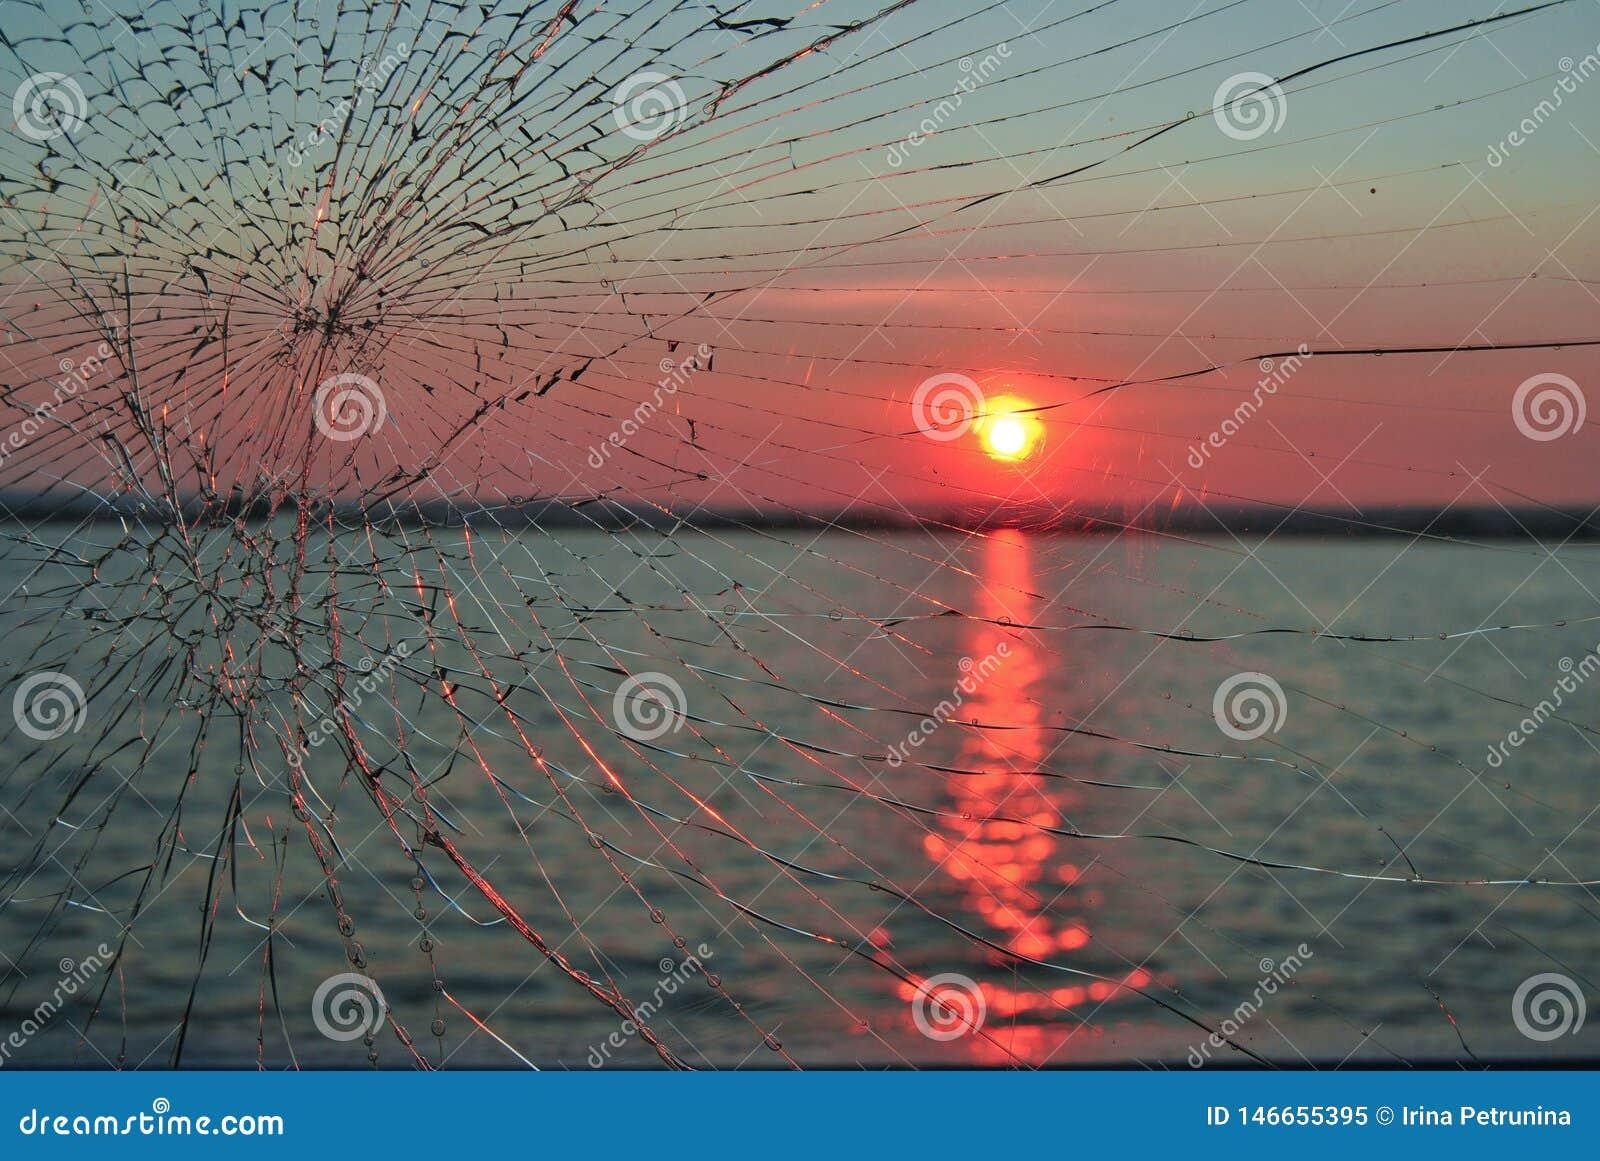 Sonnenuntergang im Fluss das defekte Glas werfen